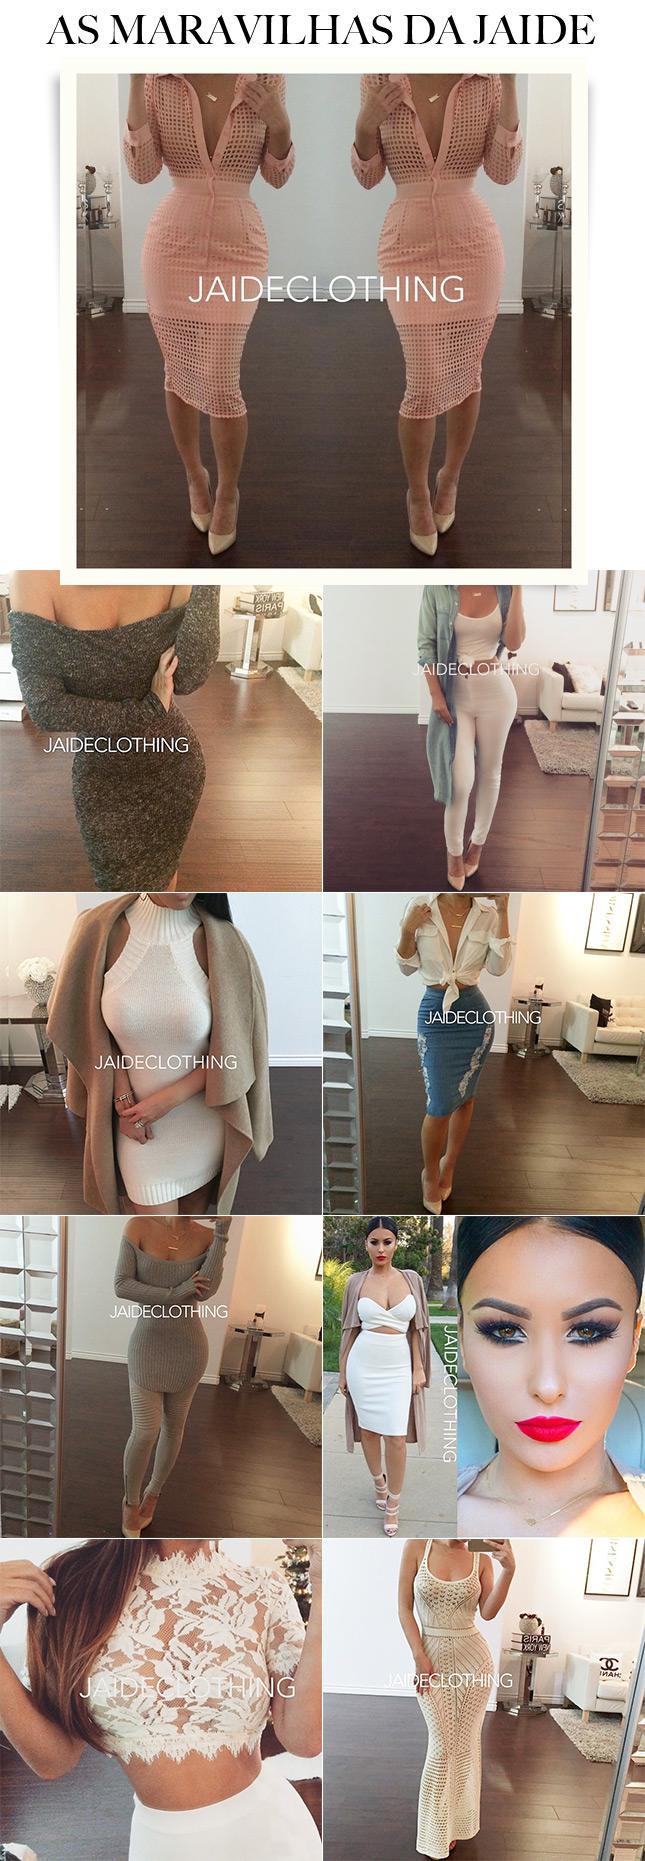 A Jaide Clothing está bombando no Instagram com seus looks poderosos!